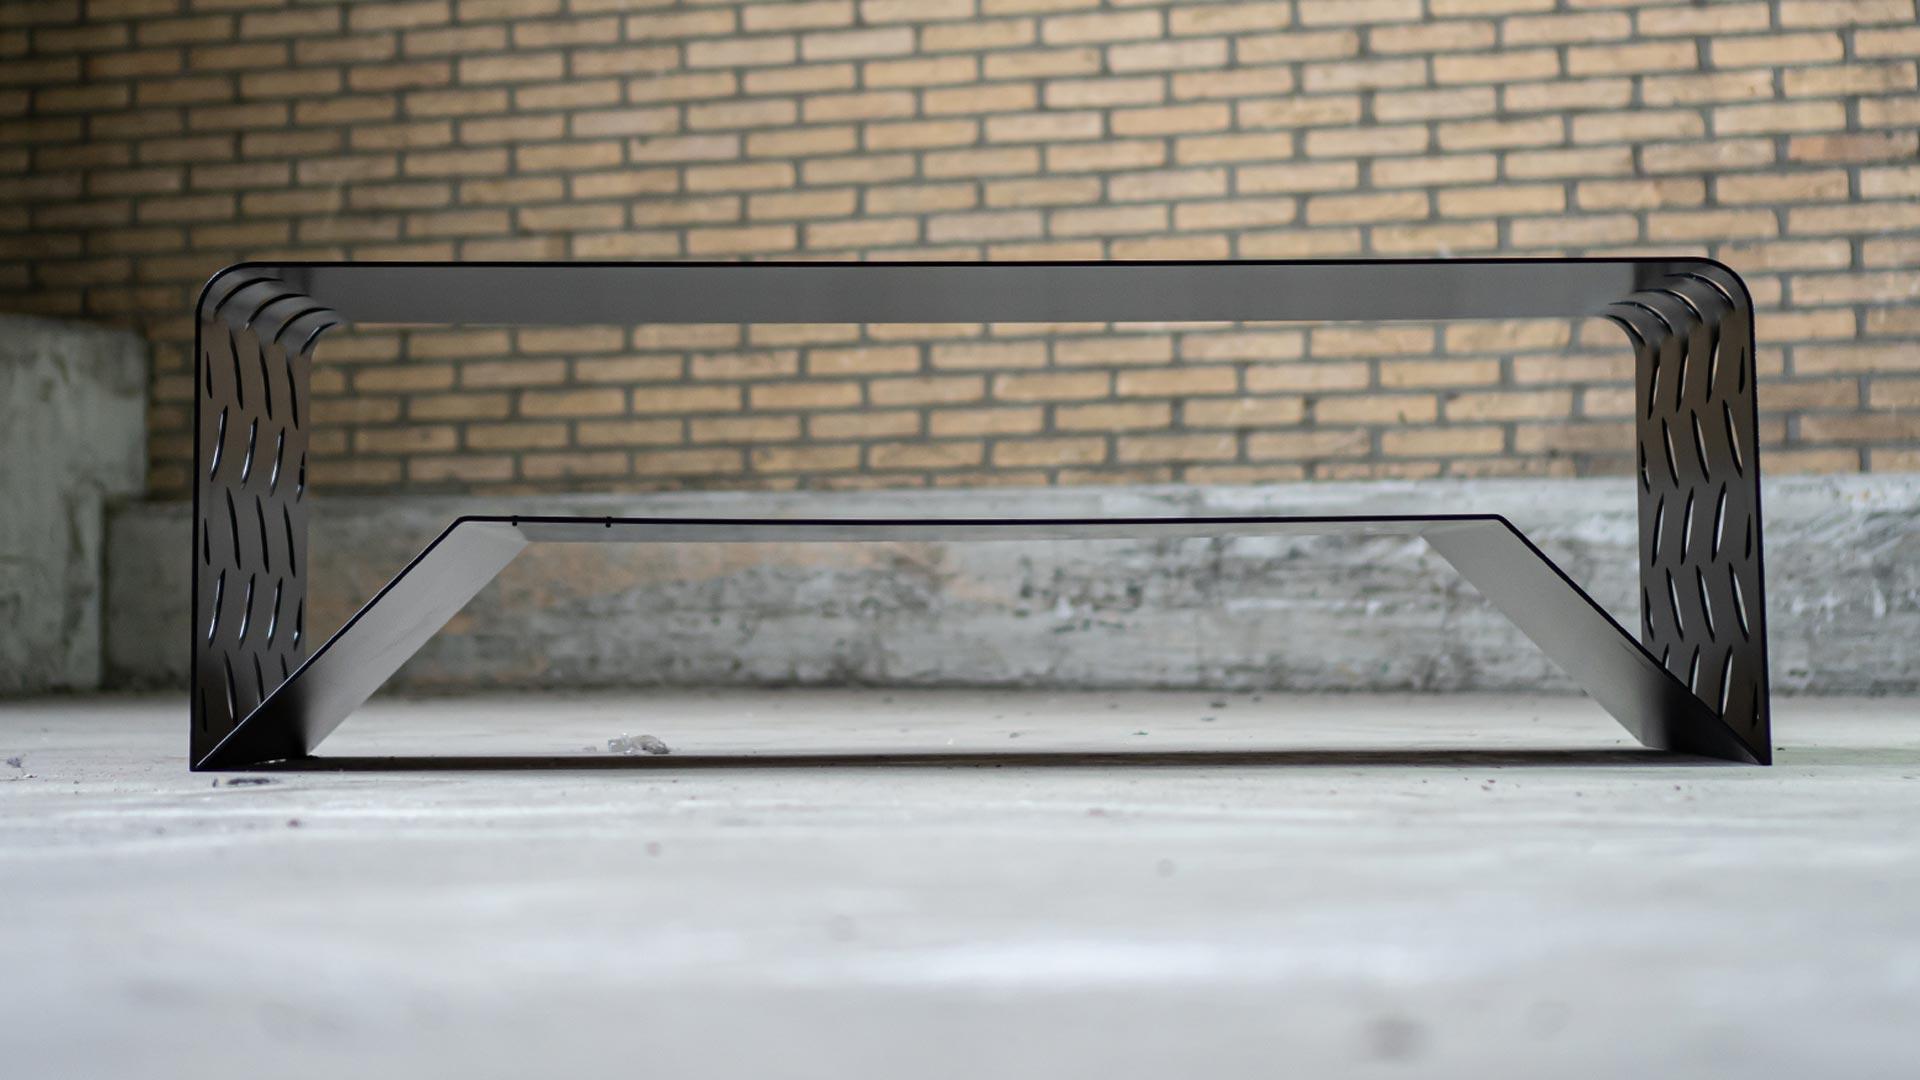 Salontafel zwart staal - BIG S - FABRIQ-S - Productfoto frontview